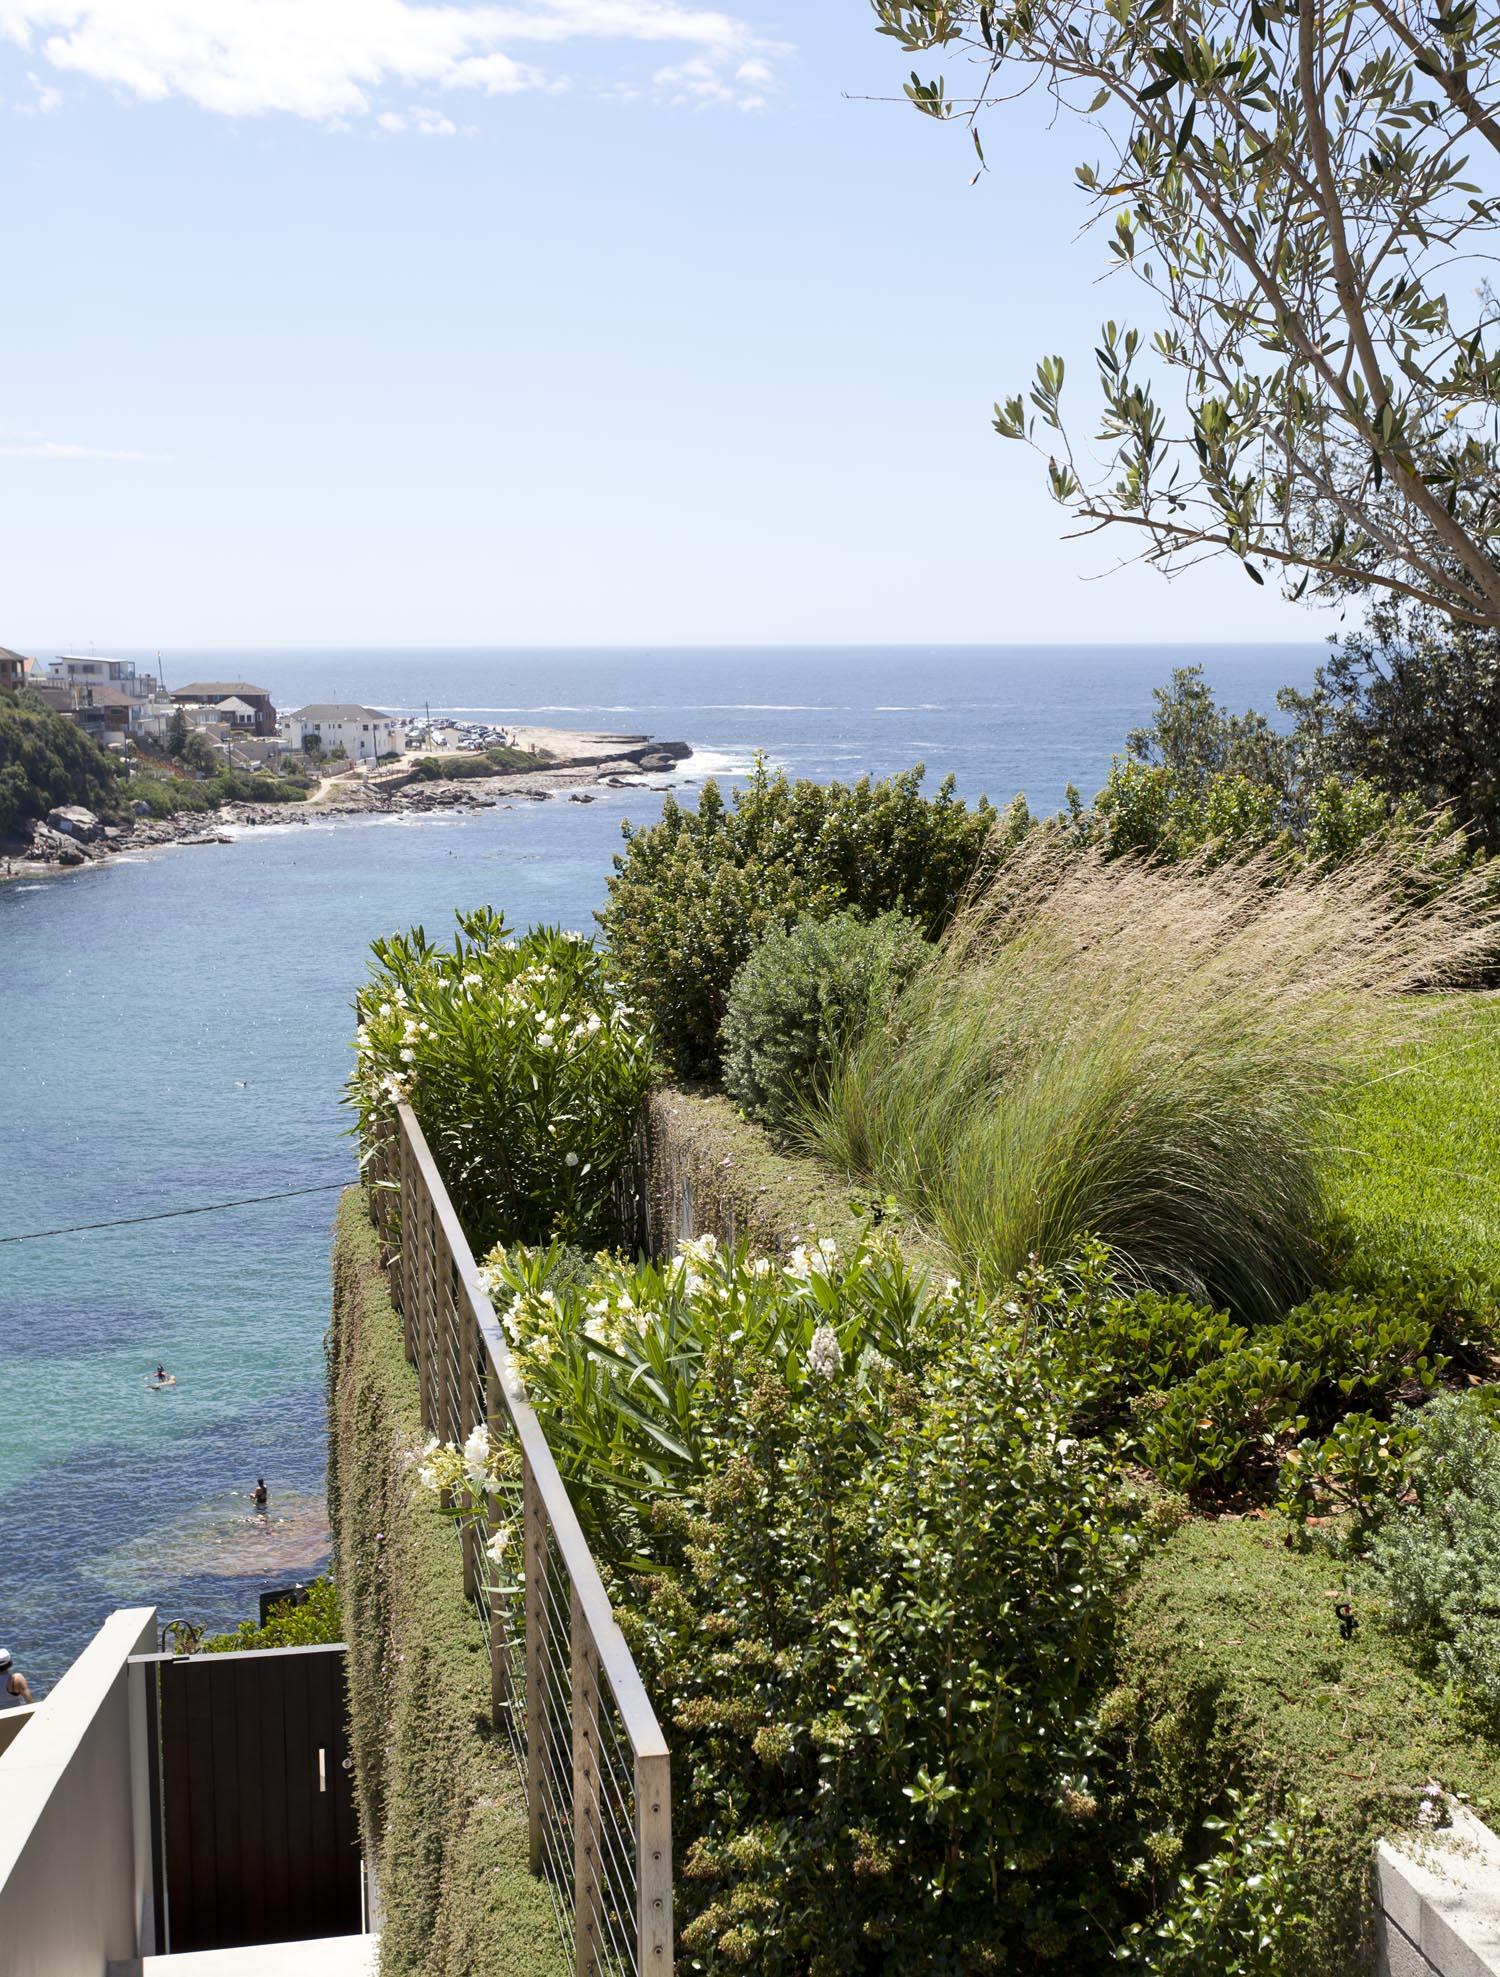 Gordon's Bay House - Australian Exterior View Garden - Madeleine Blanchfield Architects - Architecture Archive